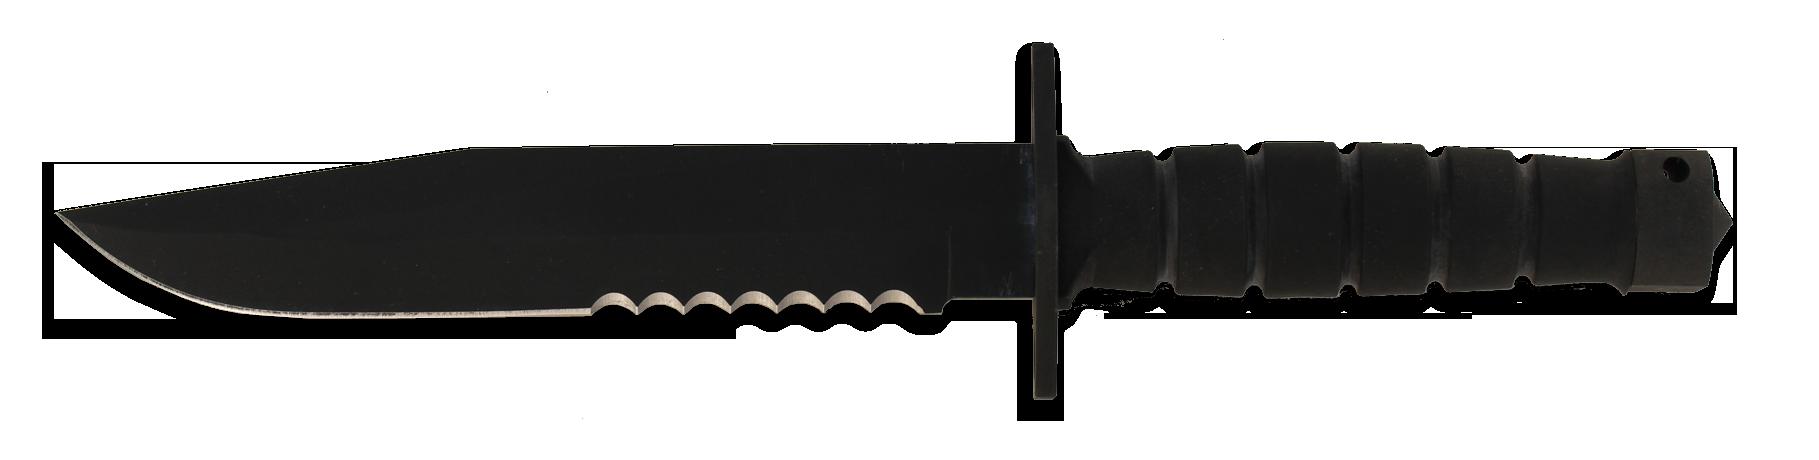 Review: Ontario Knives Chimera